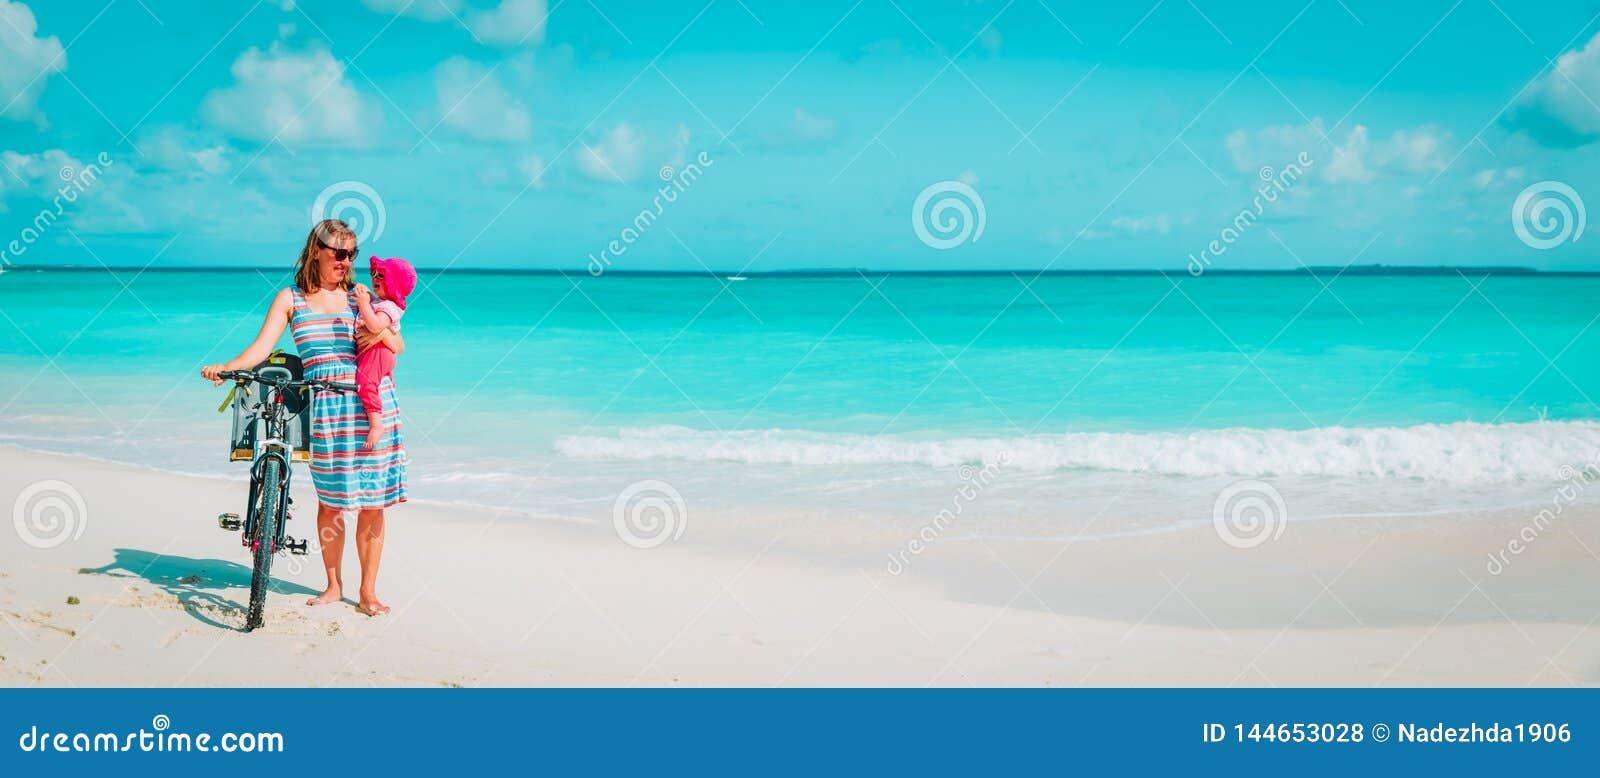 Ευτυχής μητέρα με χαριτωμένο λίγο ποδήλατο κοριτσάκι στην παραλία